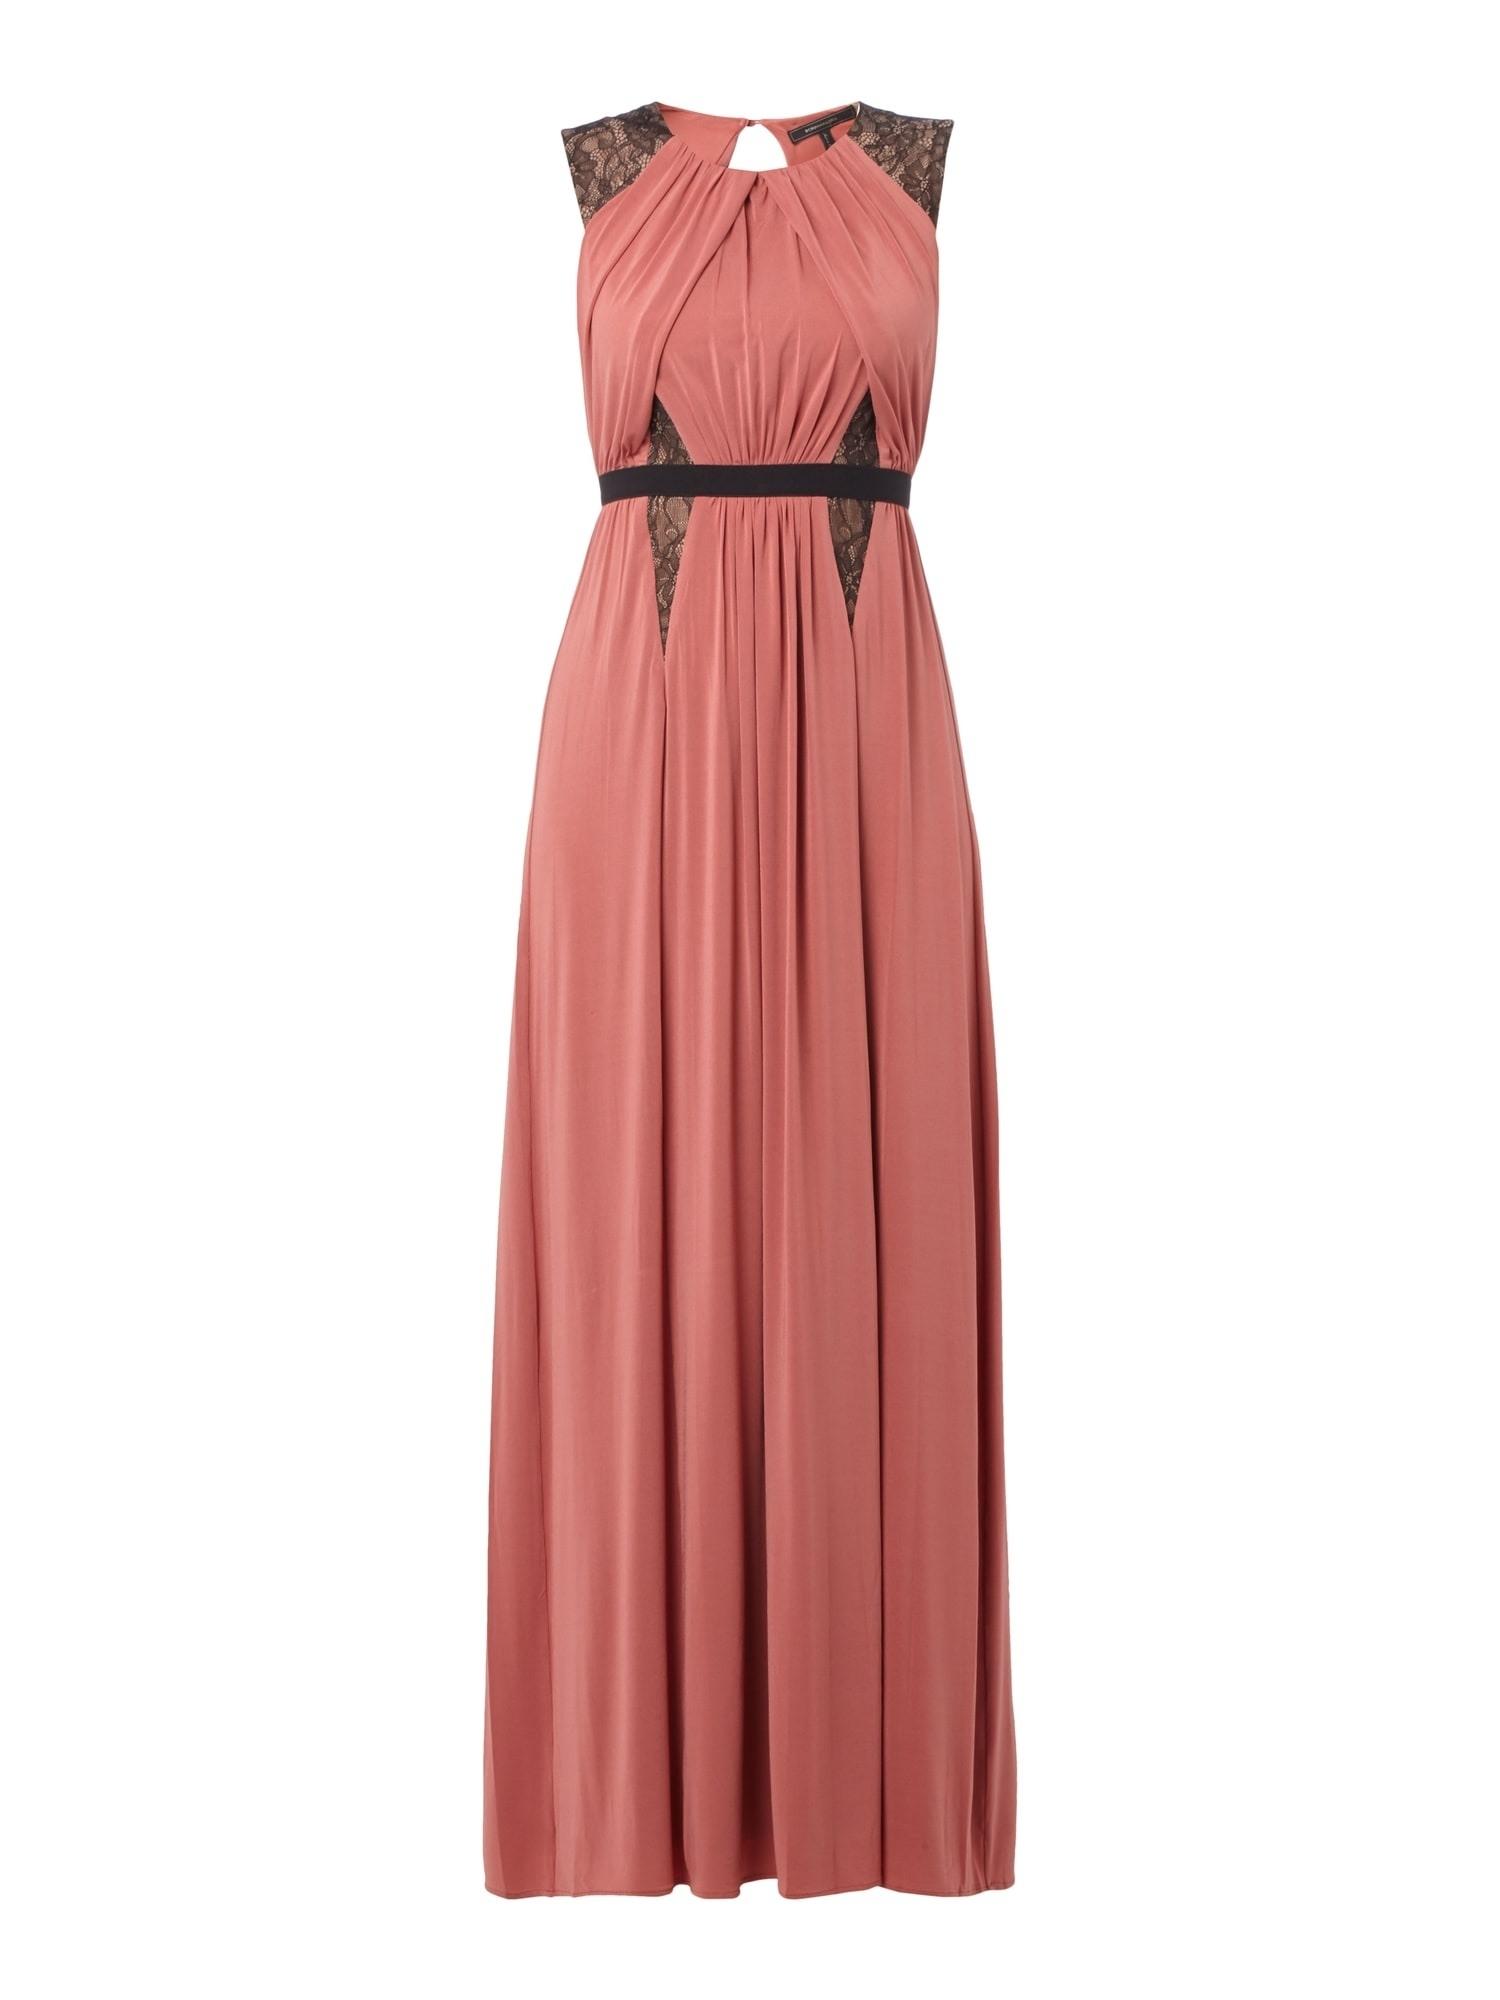 10 Coolste Abendkleider Marken Spezialgebiet13 Elegant Abendkleider Marken Boutique